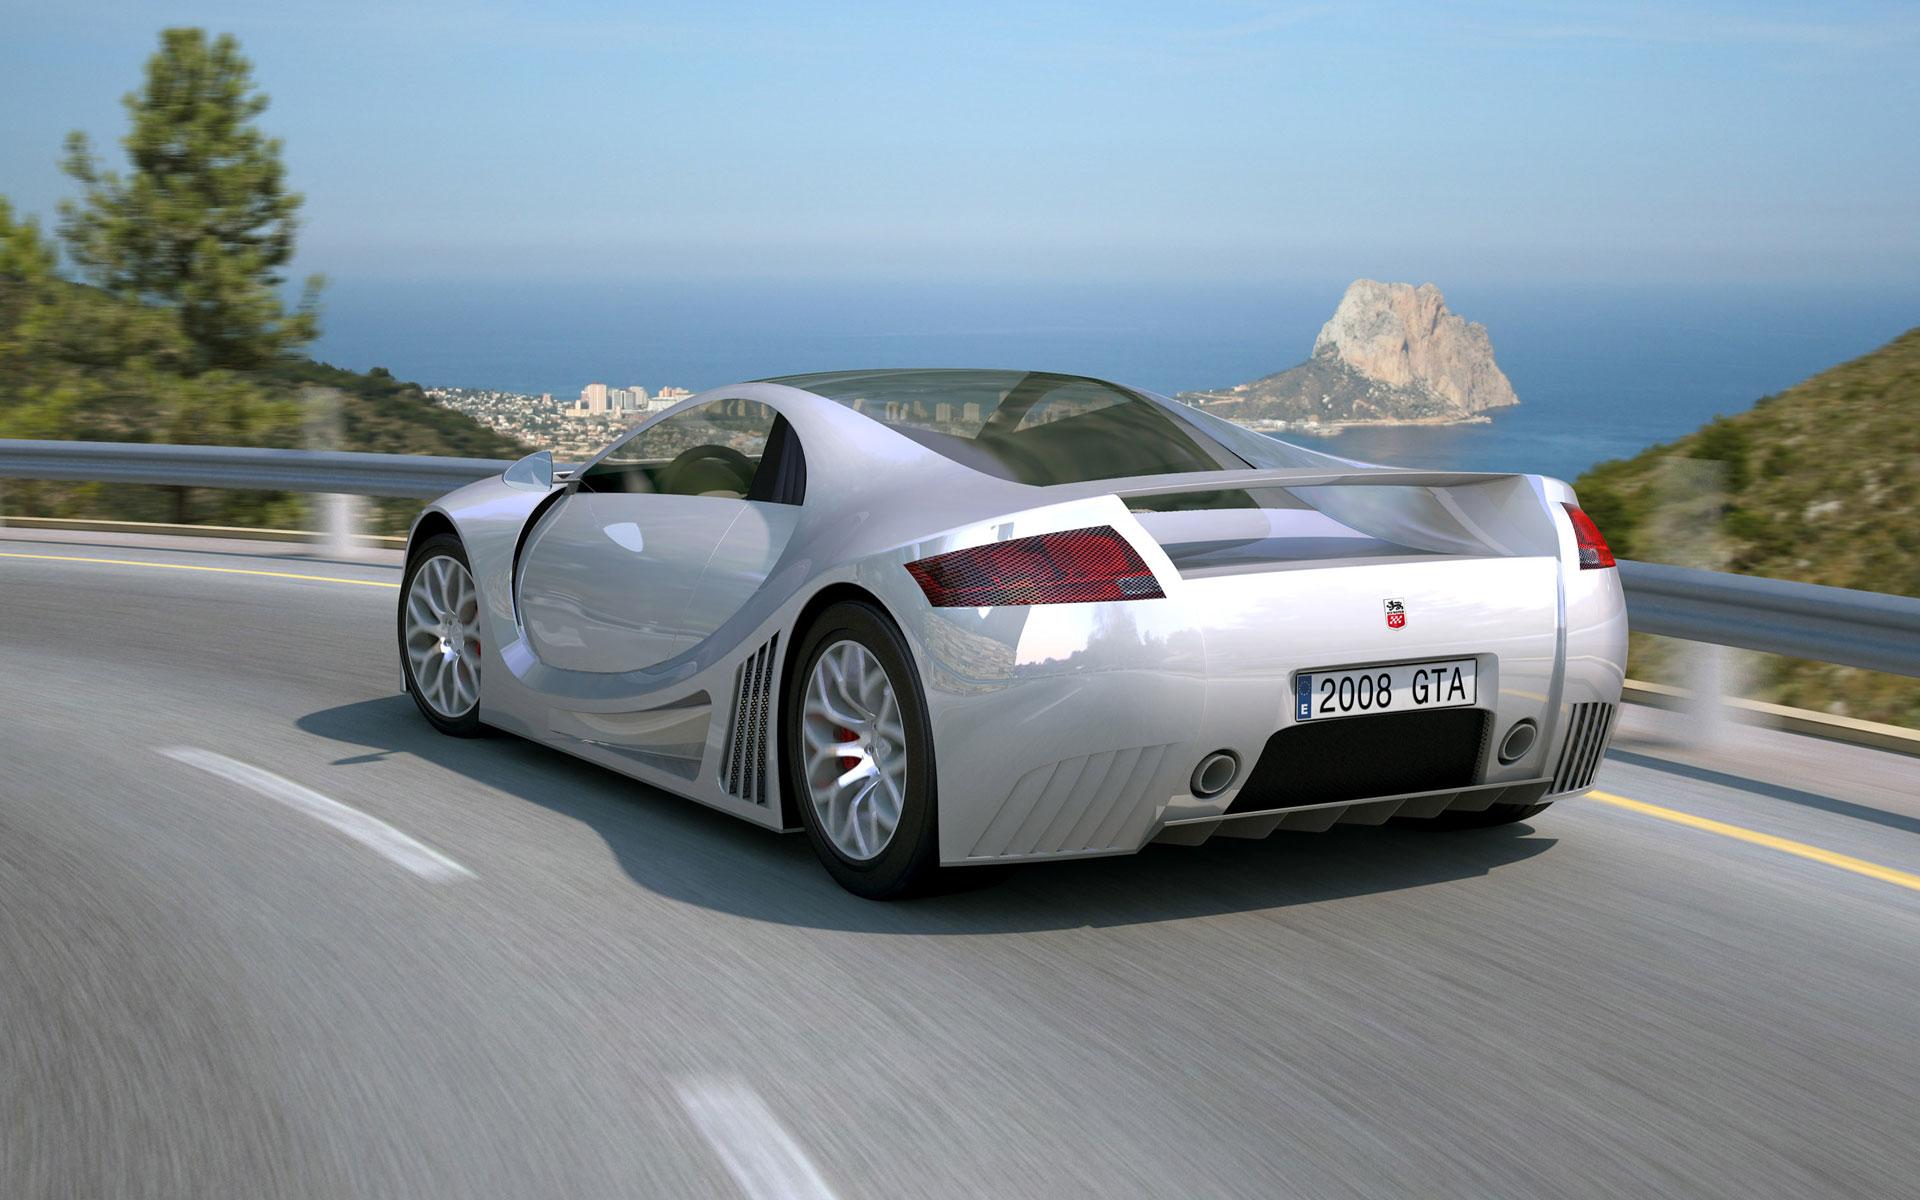 gta concept super sport car 2 wallpaper | hd car wallpapers | id #1583